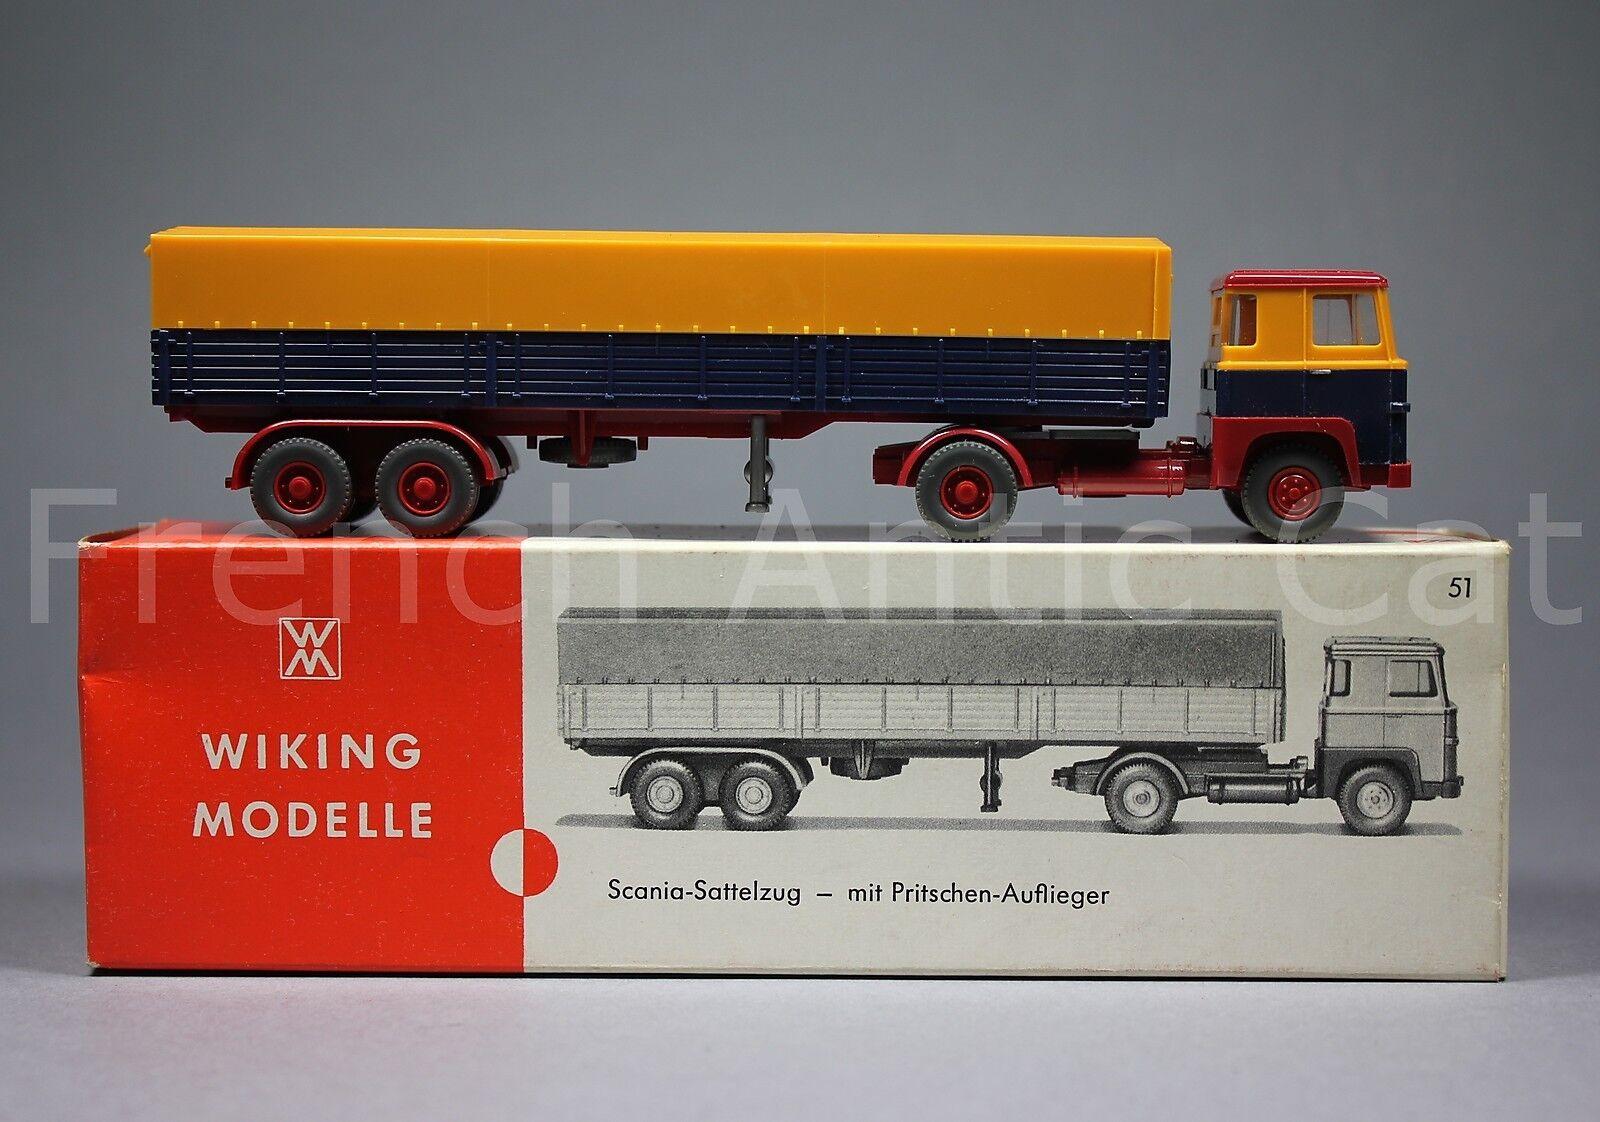 U527 Wiking modelle Ho Scania sattelzug mit Pritschen Auflieger 51 2018 camion